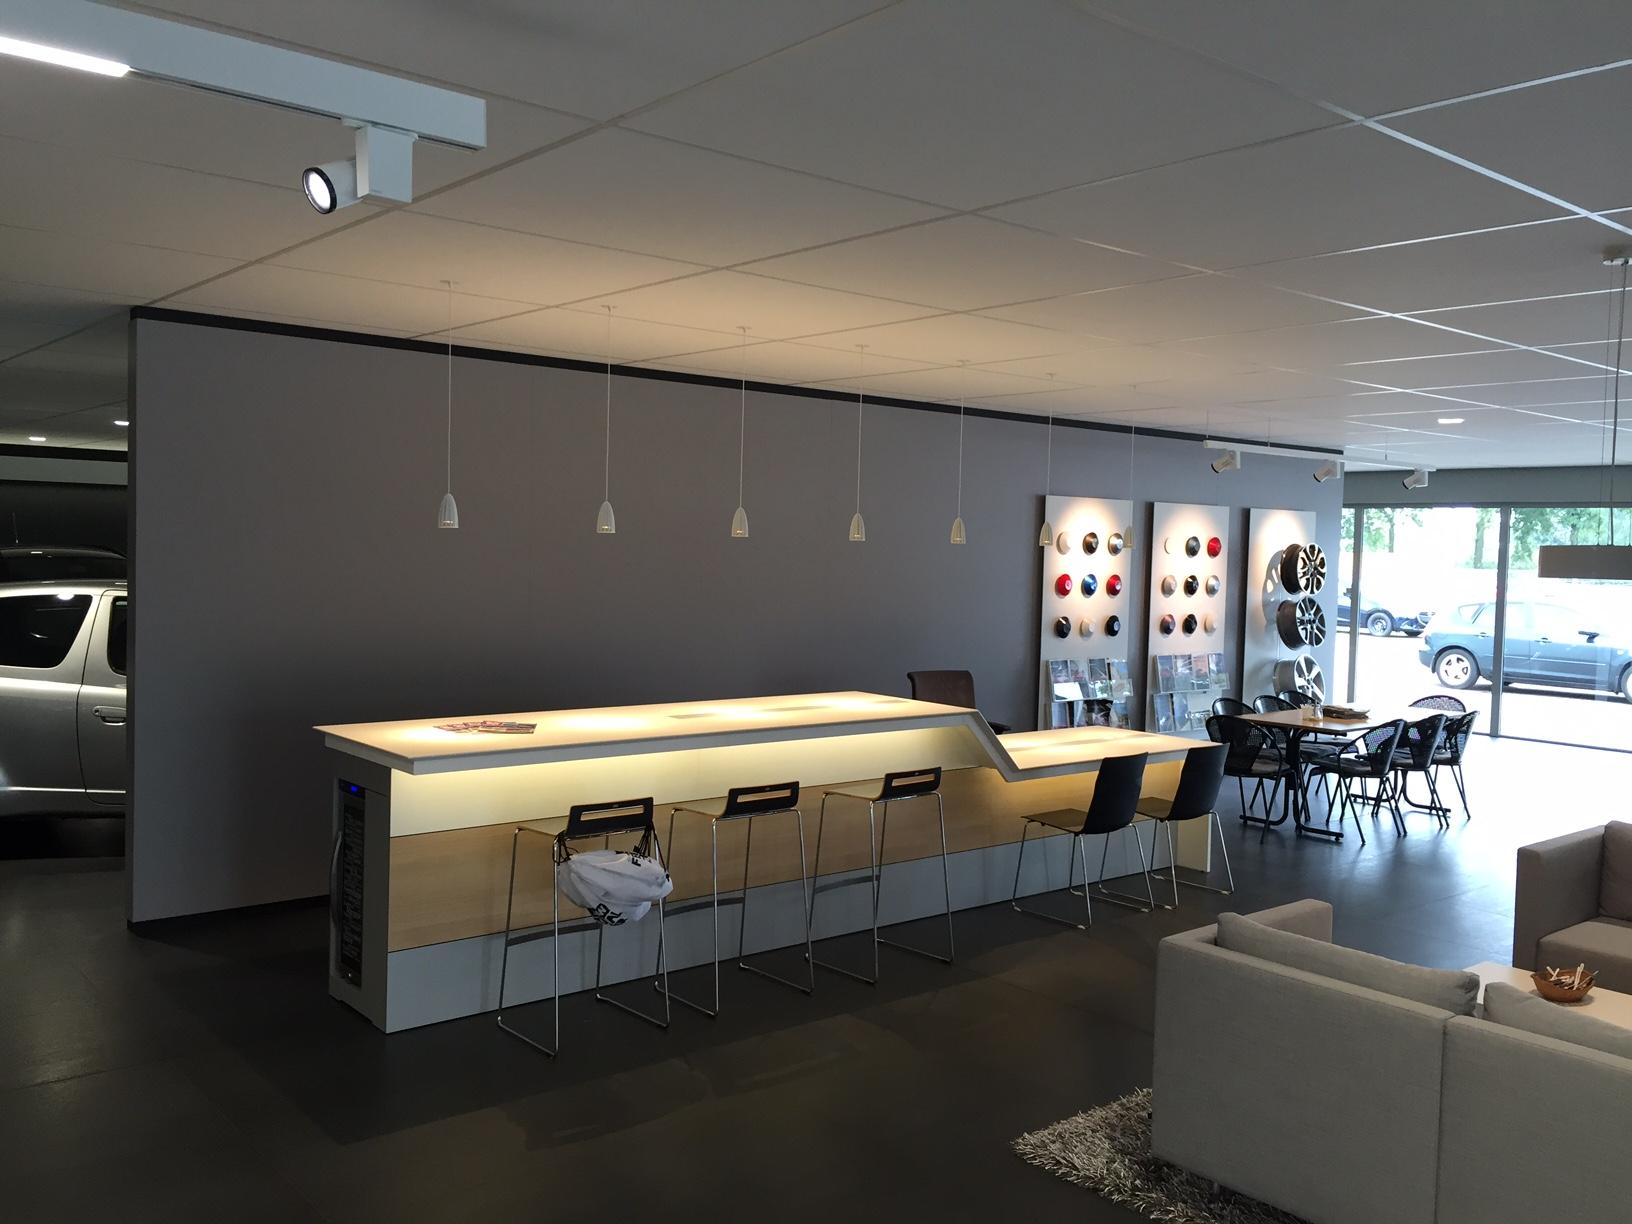 Timmerbedrijf joosten bv interieur en zolder betimmering for Hoogebeen interieur bv